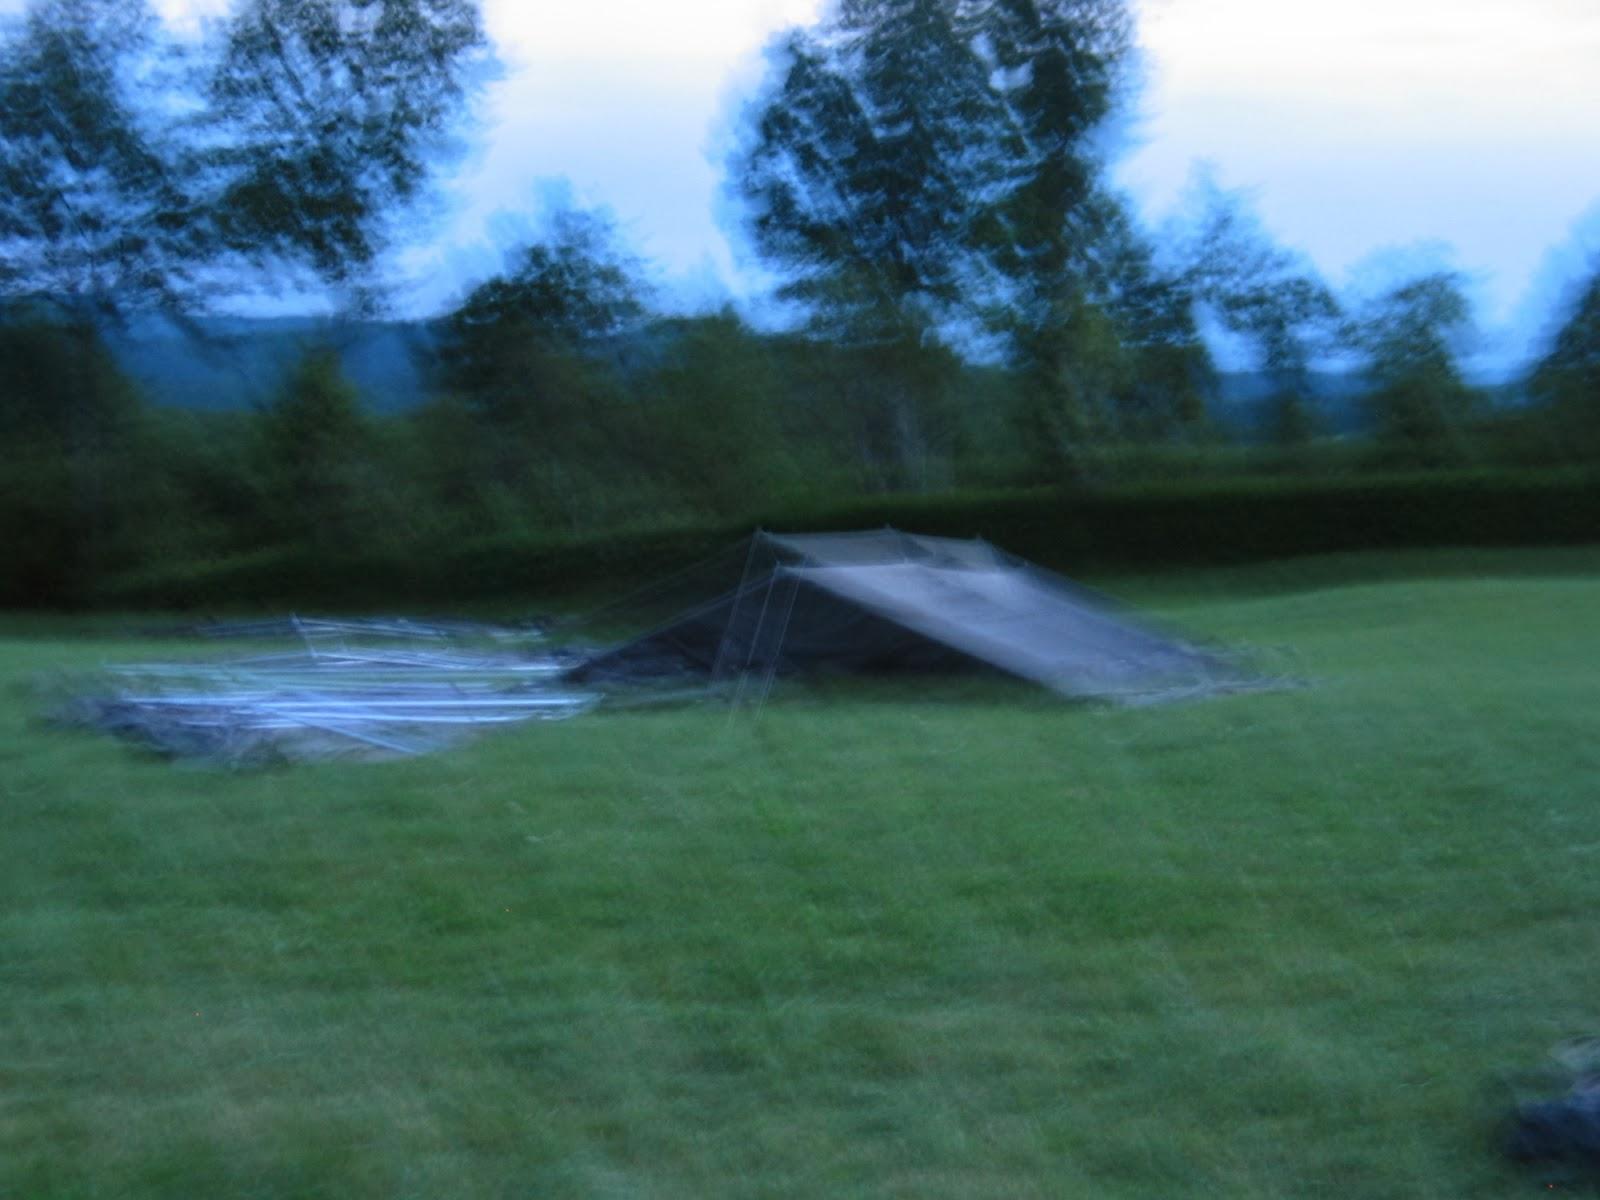 Pow-wow, Ilirska Bistrica 2004 - Zlet%2B2004%2B032.jpg